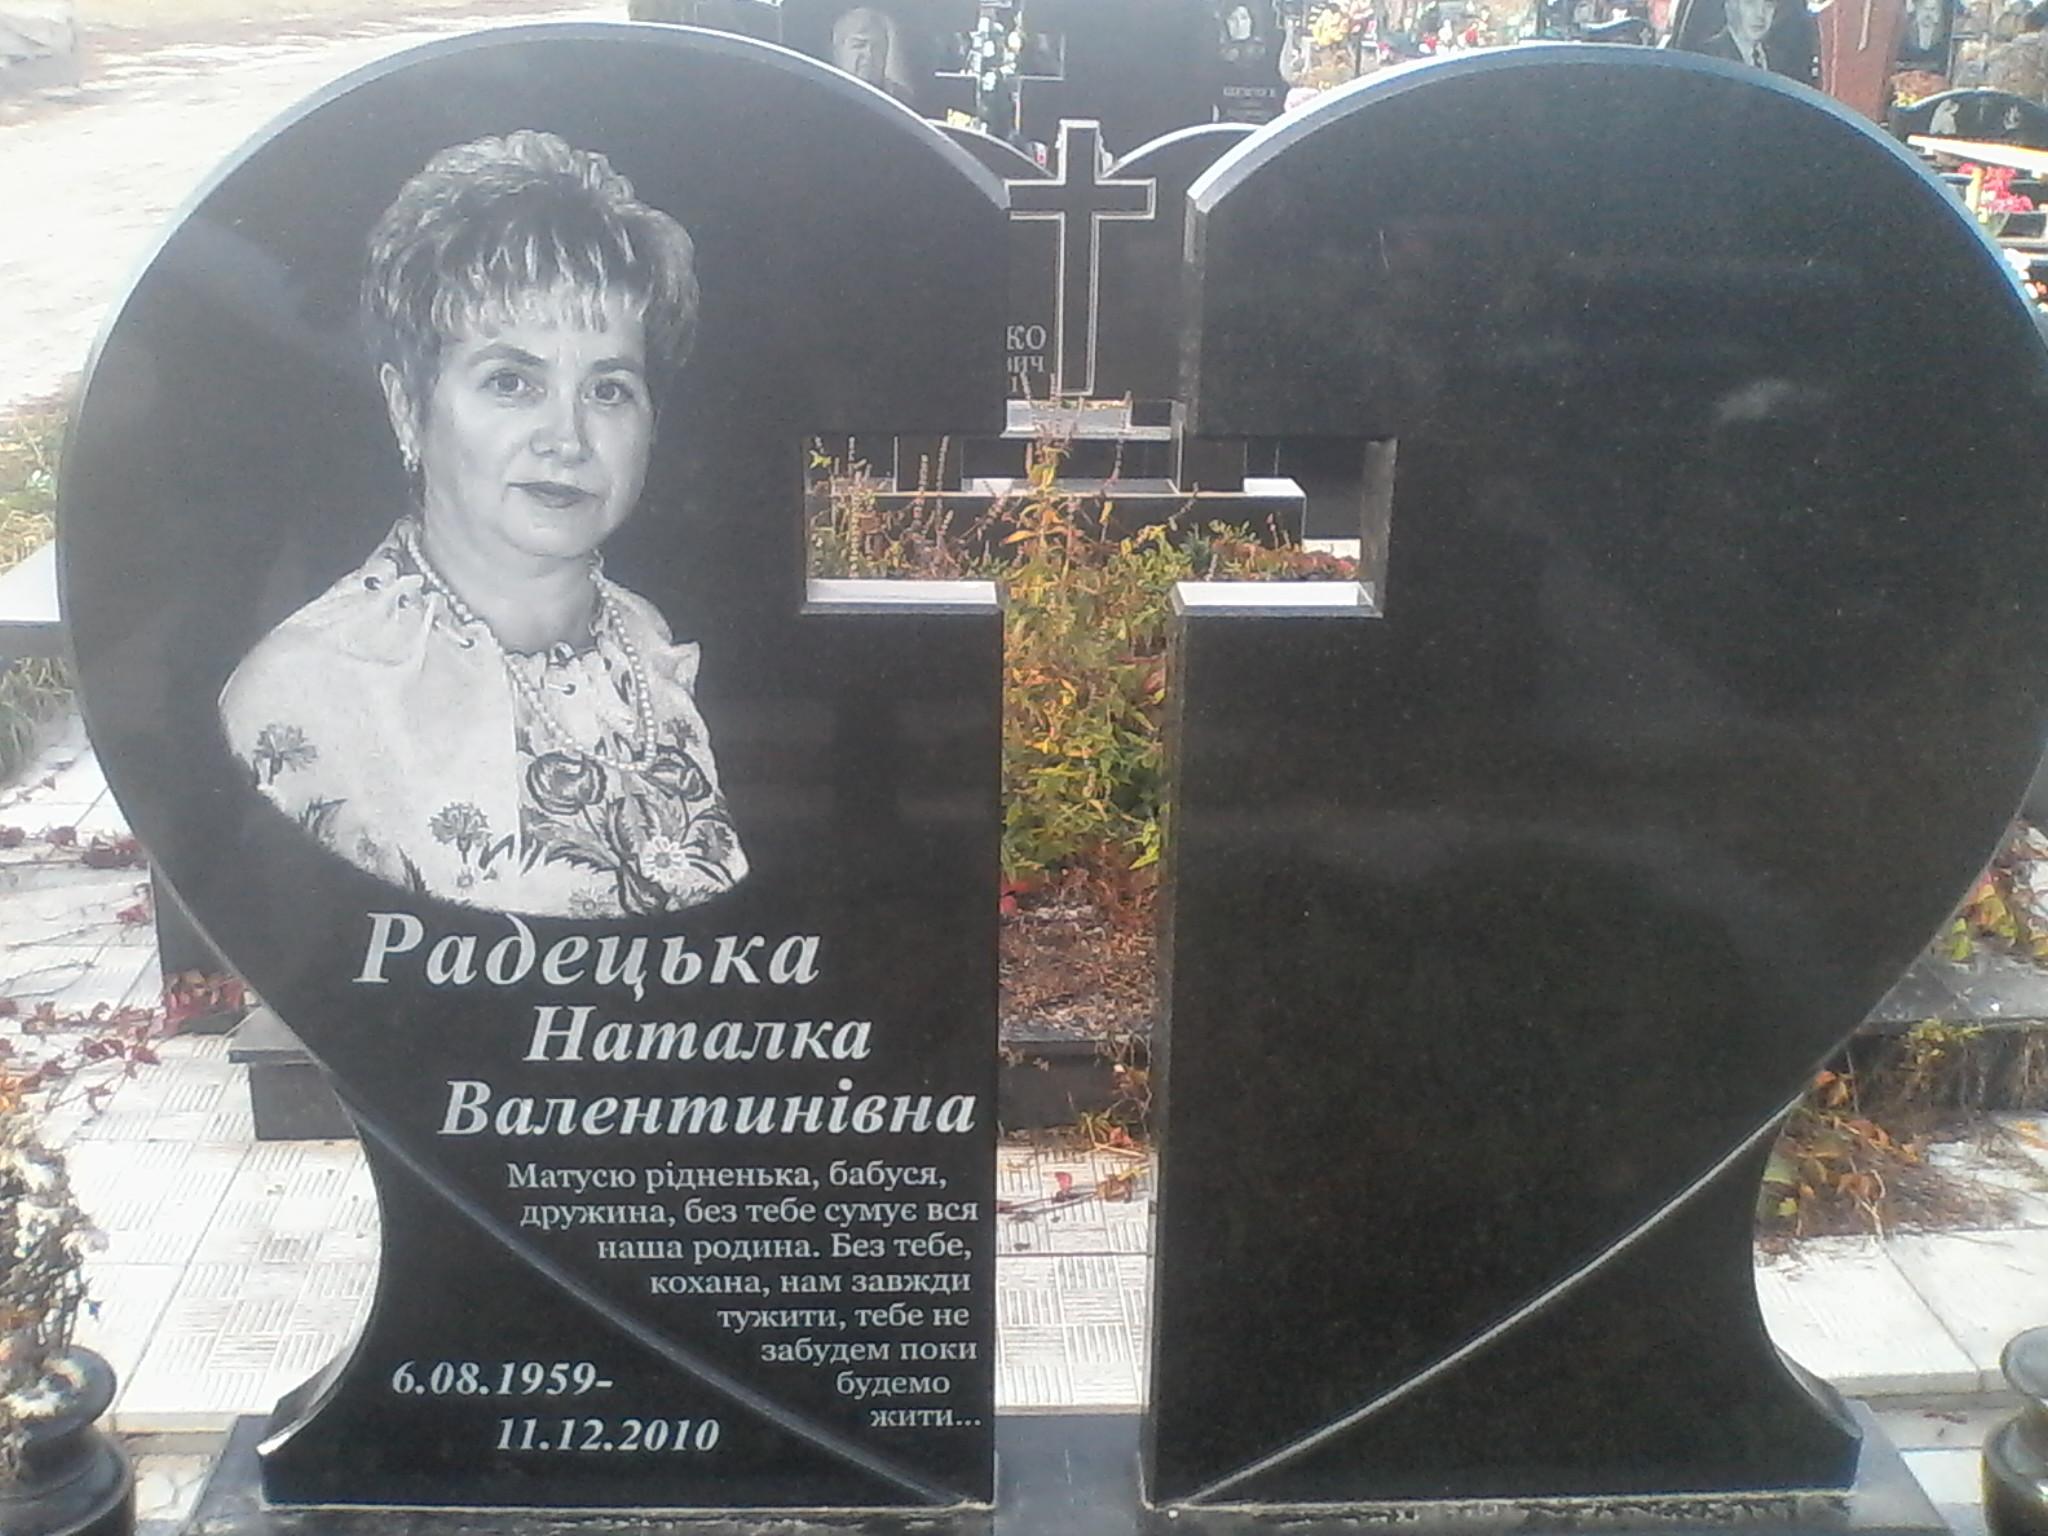 proizvodstvo_i_ustanovka_pamyatnika_v_vashem_gorode